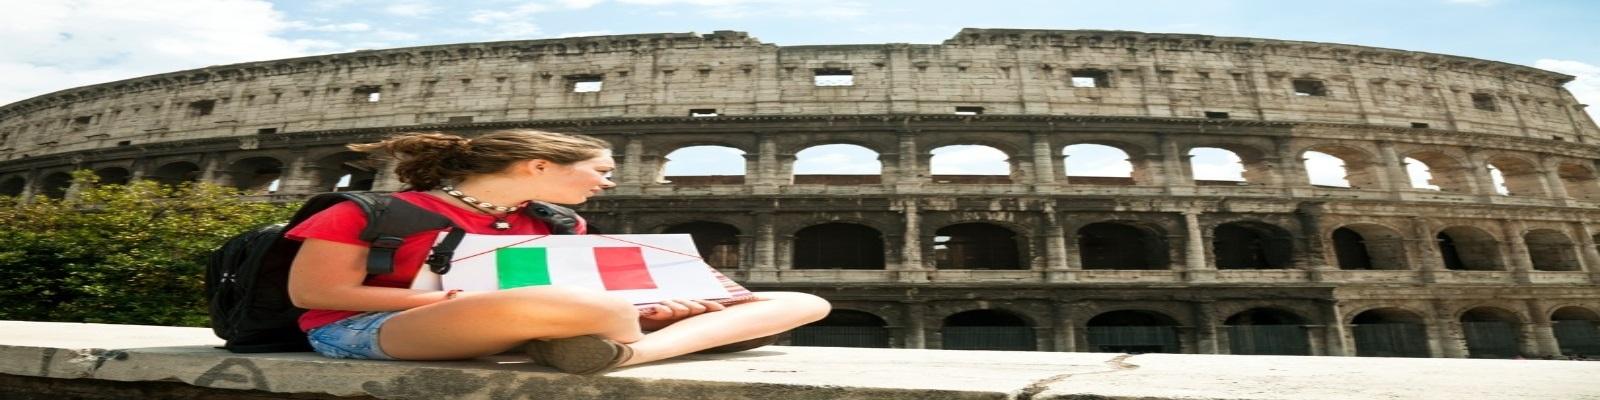 پذیرش تحصیلی ایتالیا